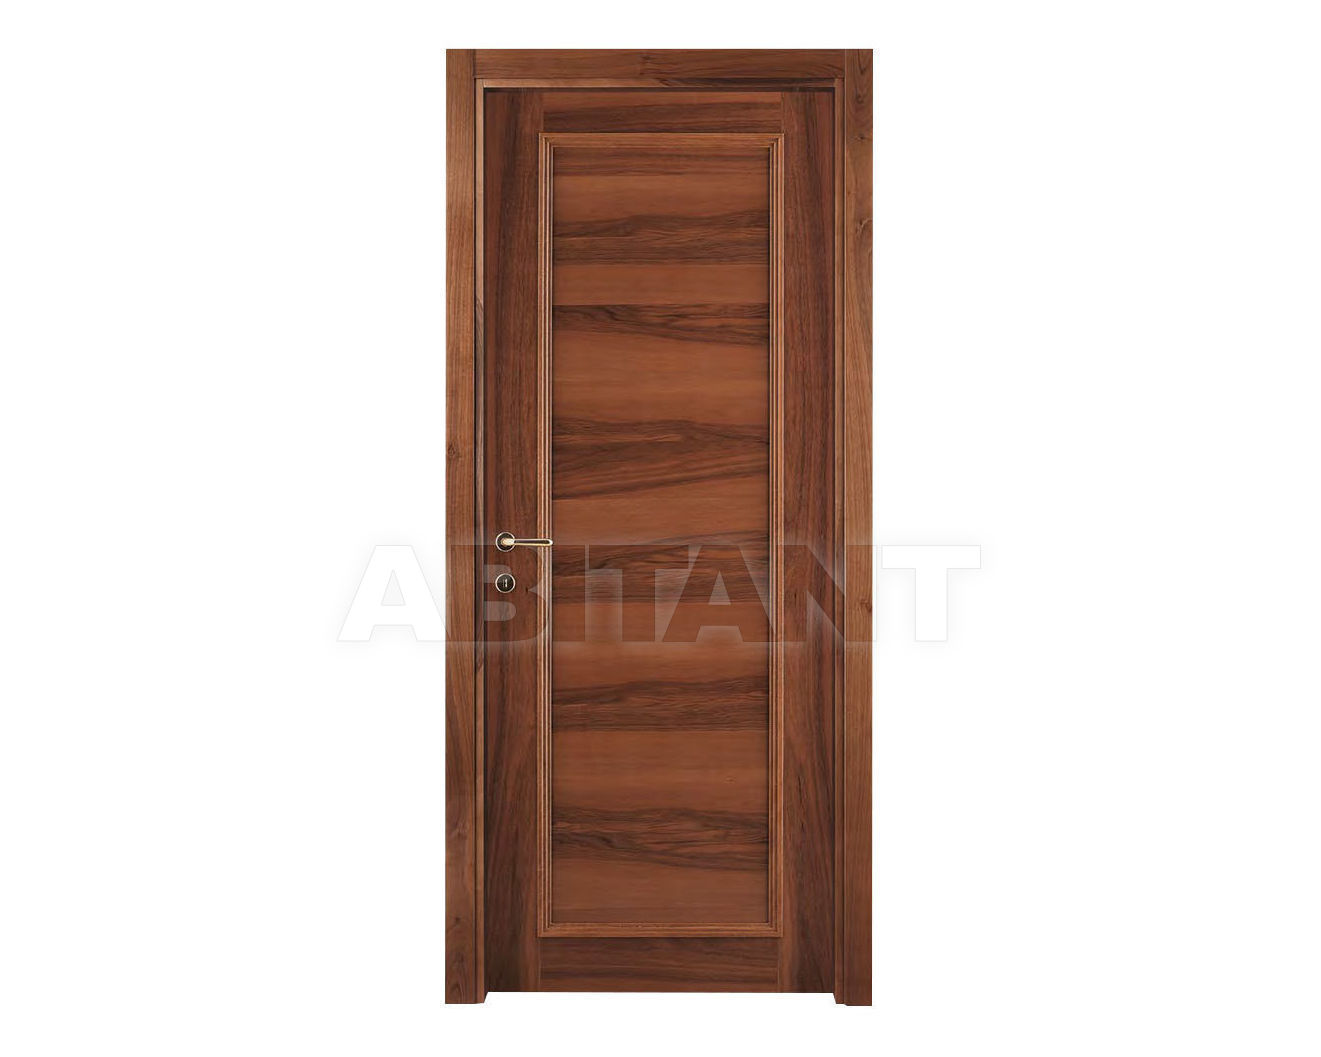 Купить Дверь деревянная Fioravazzi Classiche SONIA CIECA